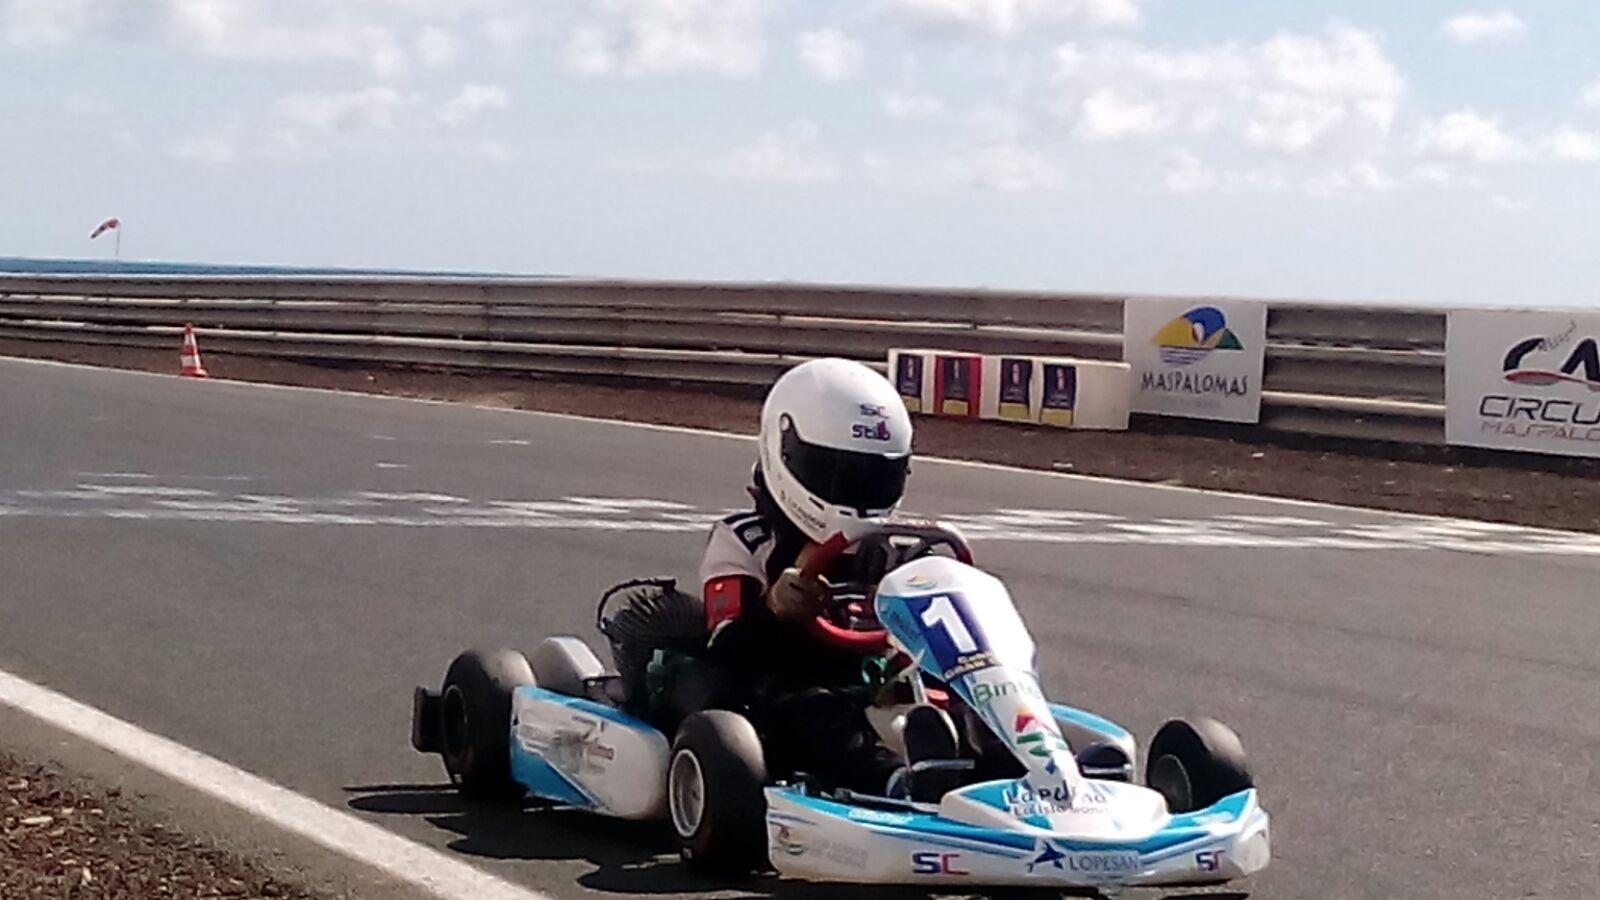 Circuito Karting : Trofeo de karting cabildo de gran canaria: Última cita del aÑo en el